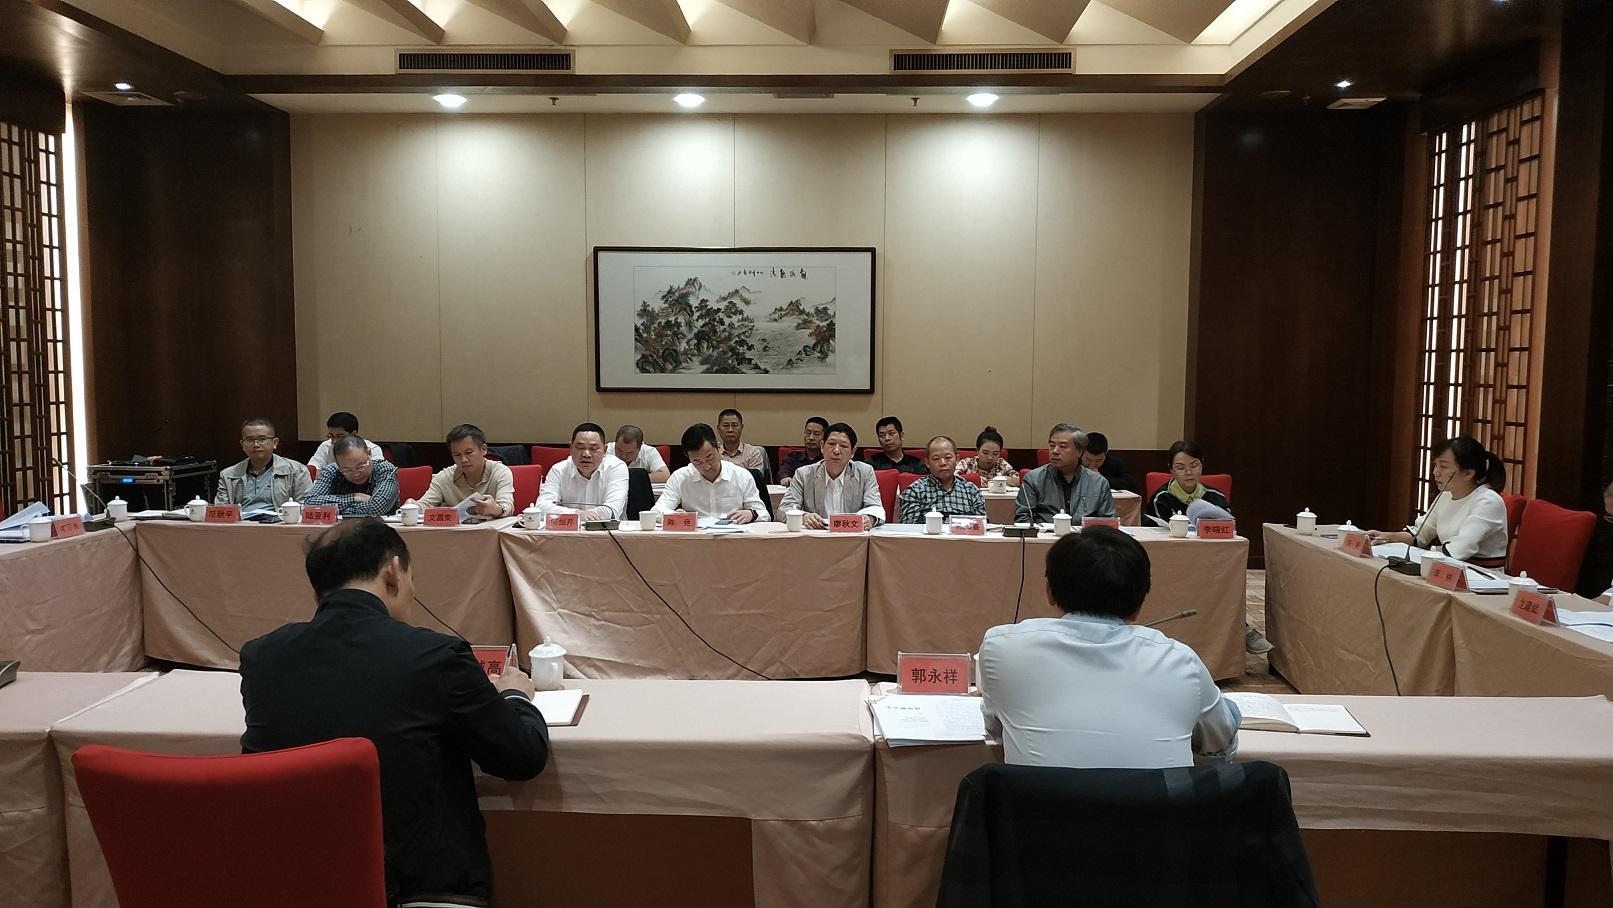 刘越高率调研组一行莅临衡阳调研指导工作